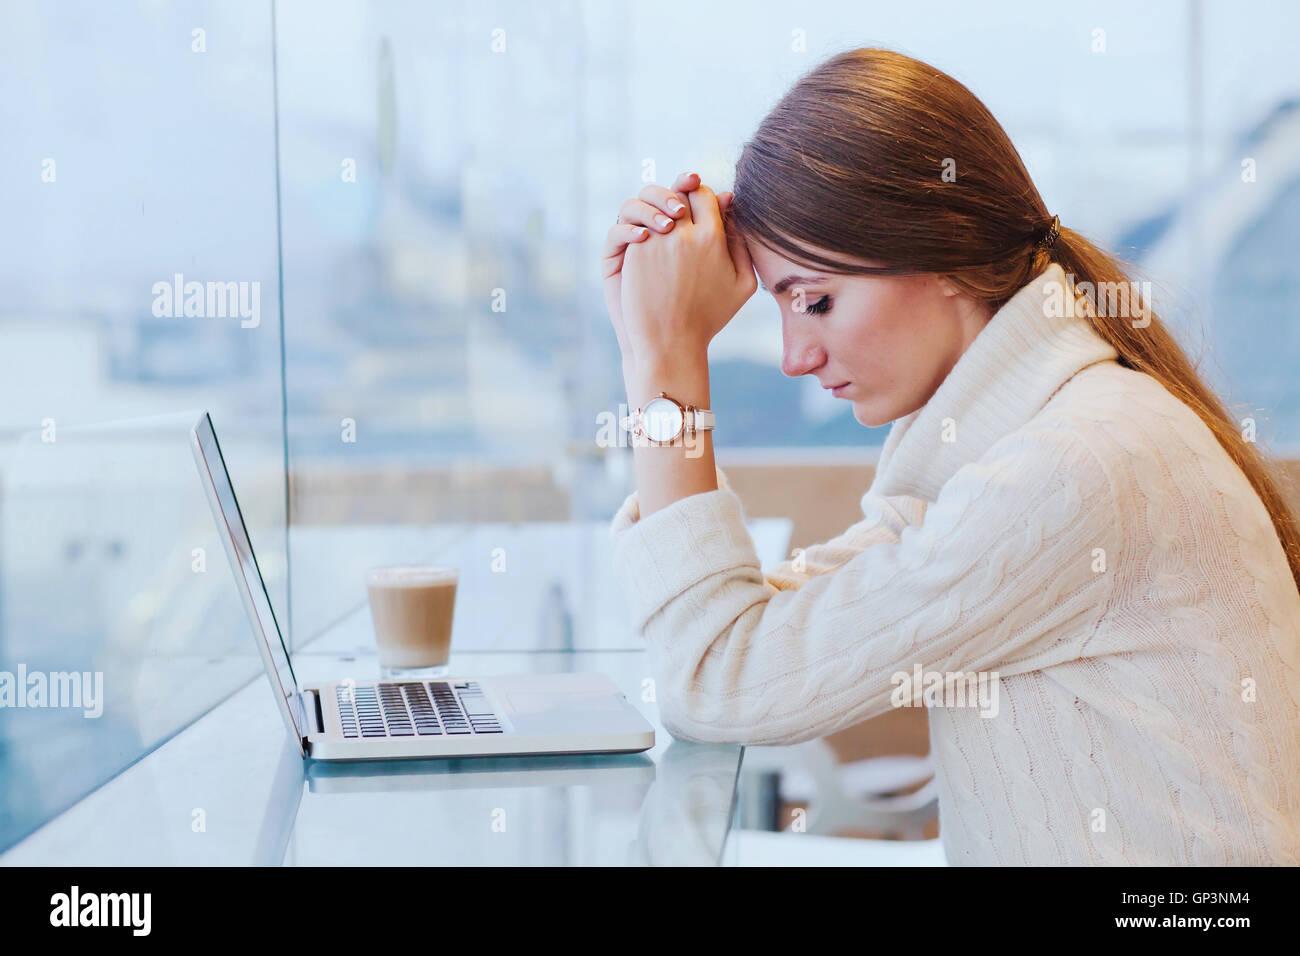 La surcharge d'informations, le stress concept, triste femme désespérée en avant de l'ordinateur Photo Stock